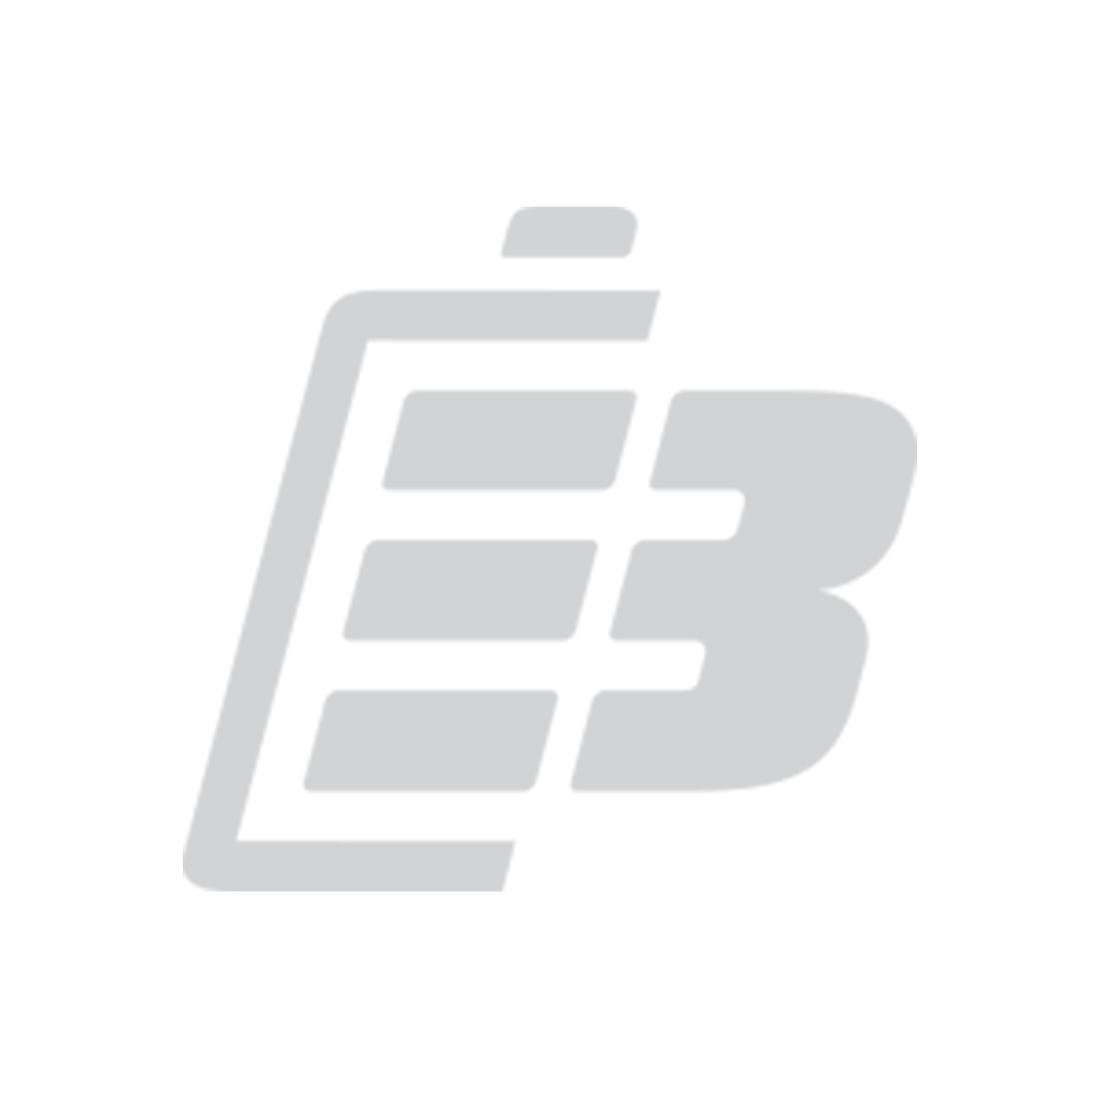 Μπαταρία ασύρματων ακουστικών Bose QC3_1